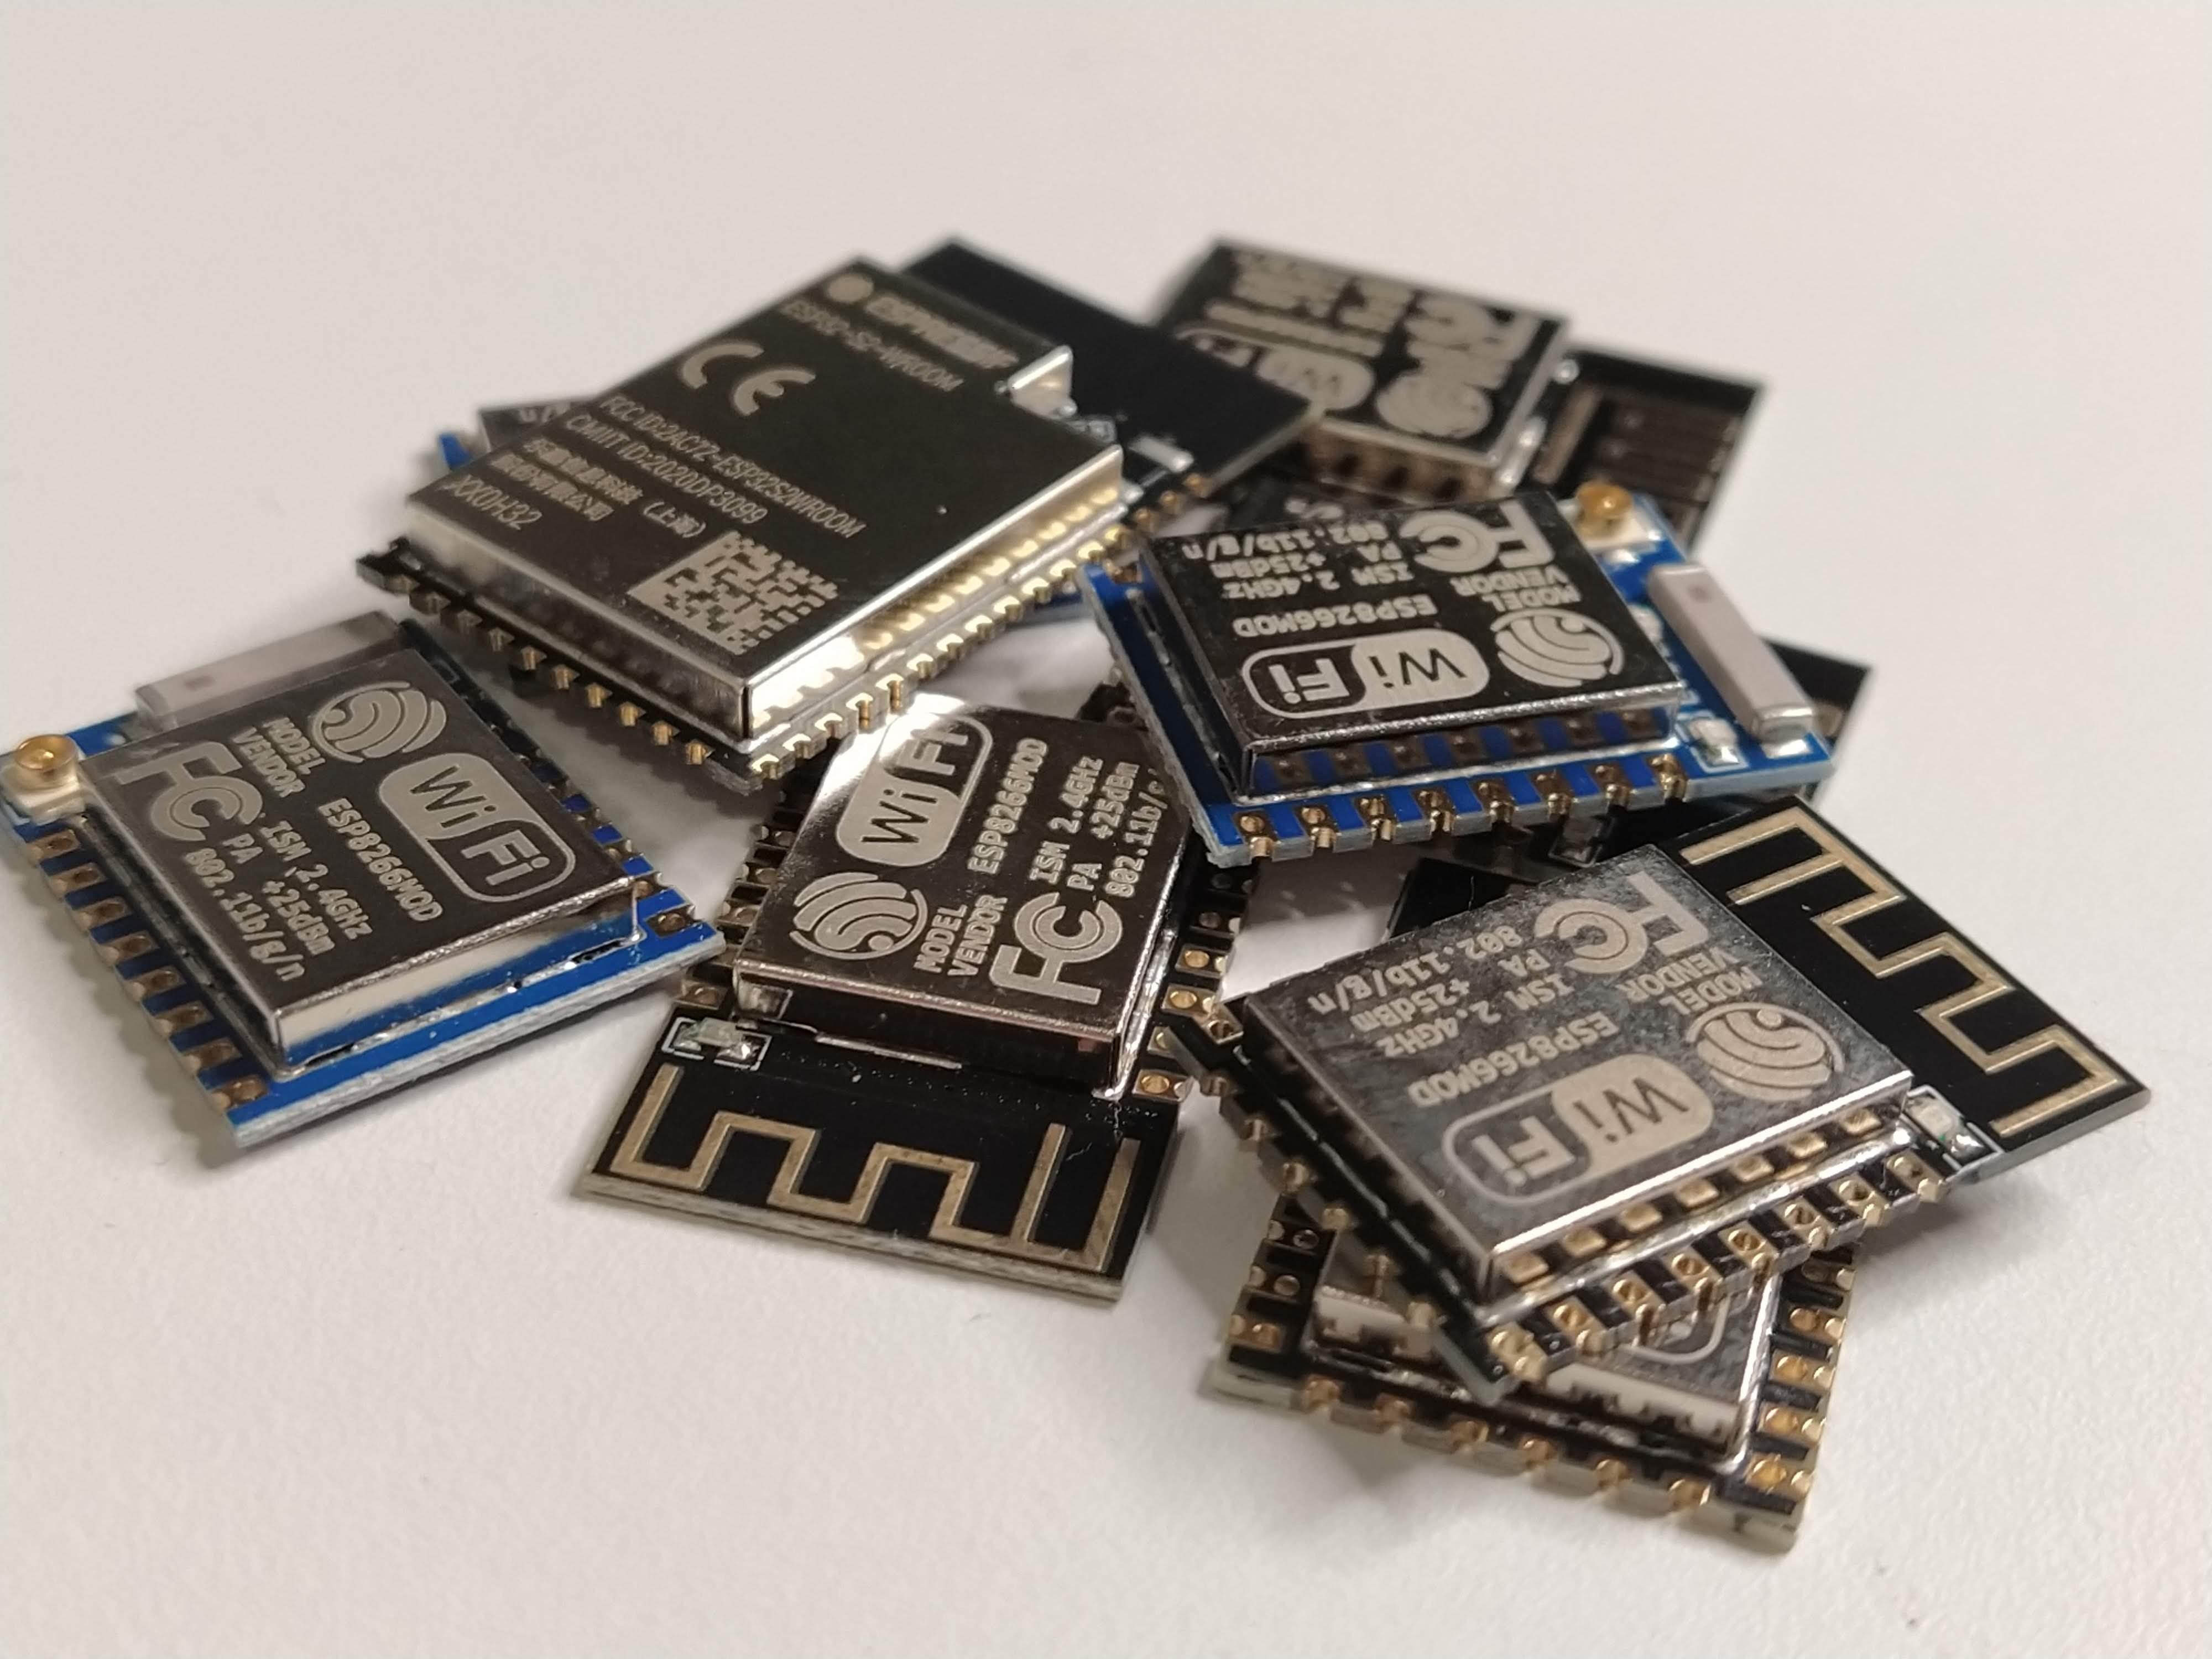 Un grupo de placas Espressif ESP8266 e ESP32-S2